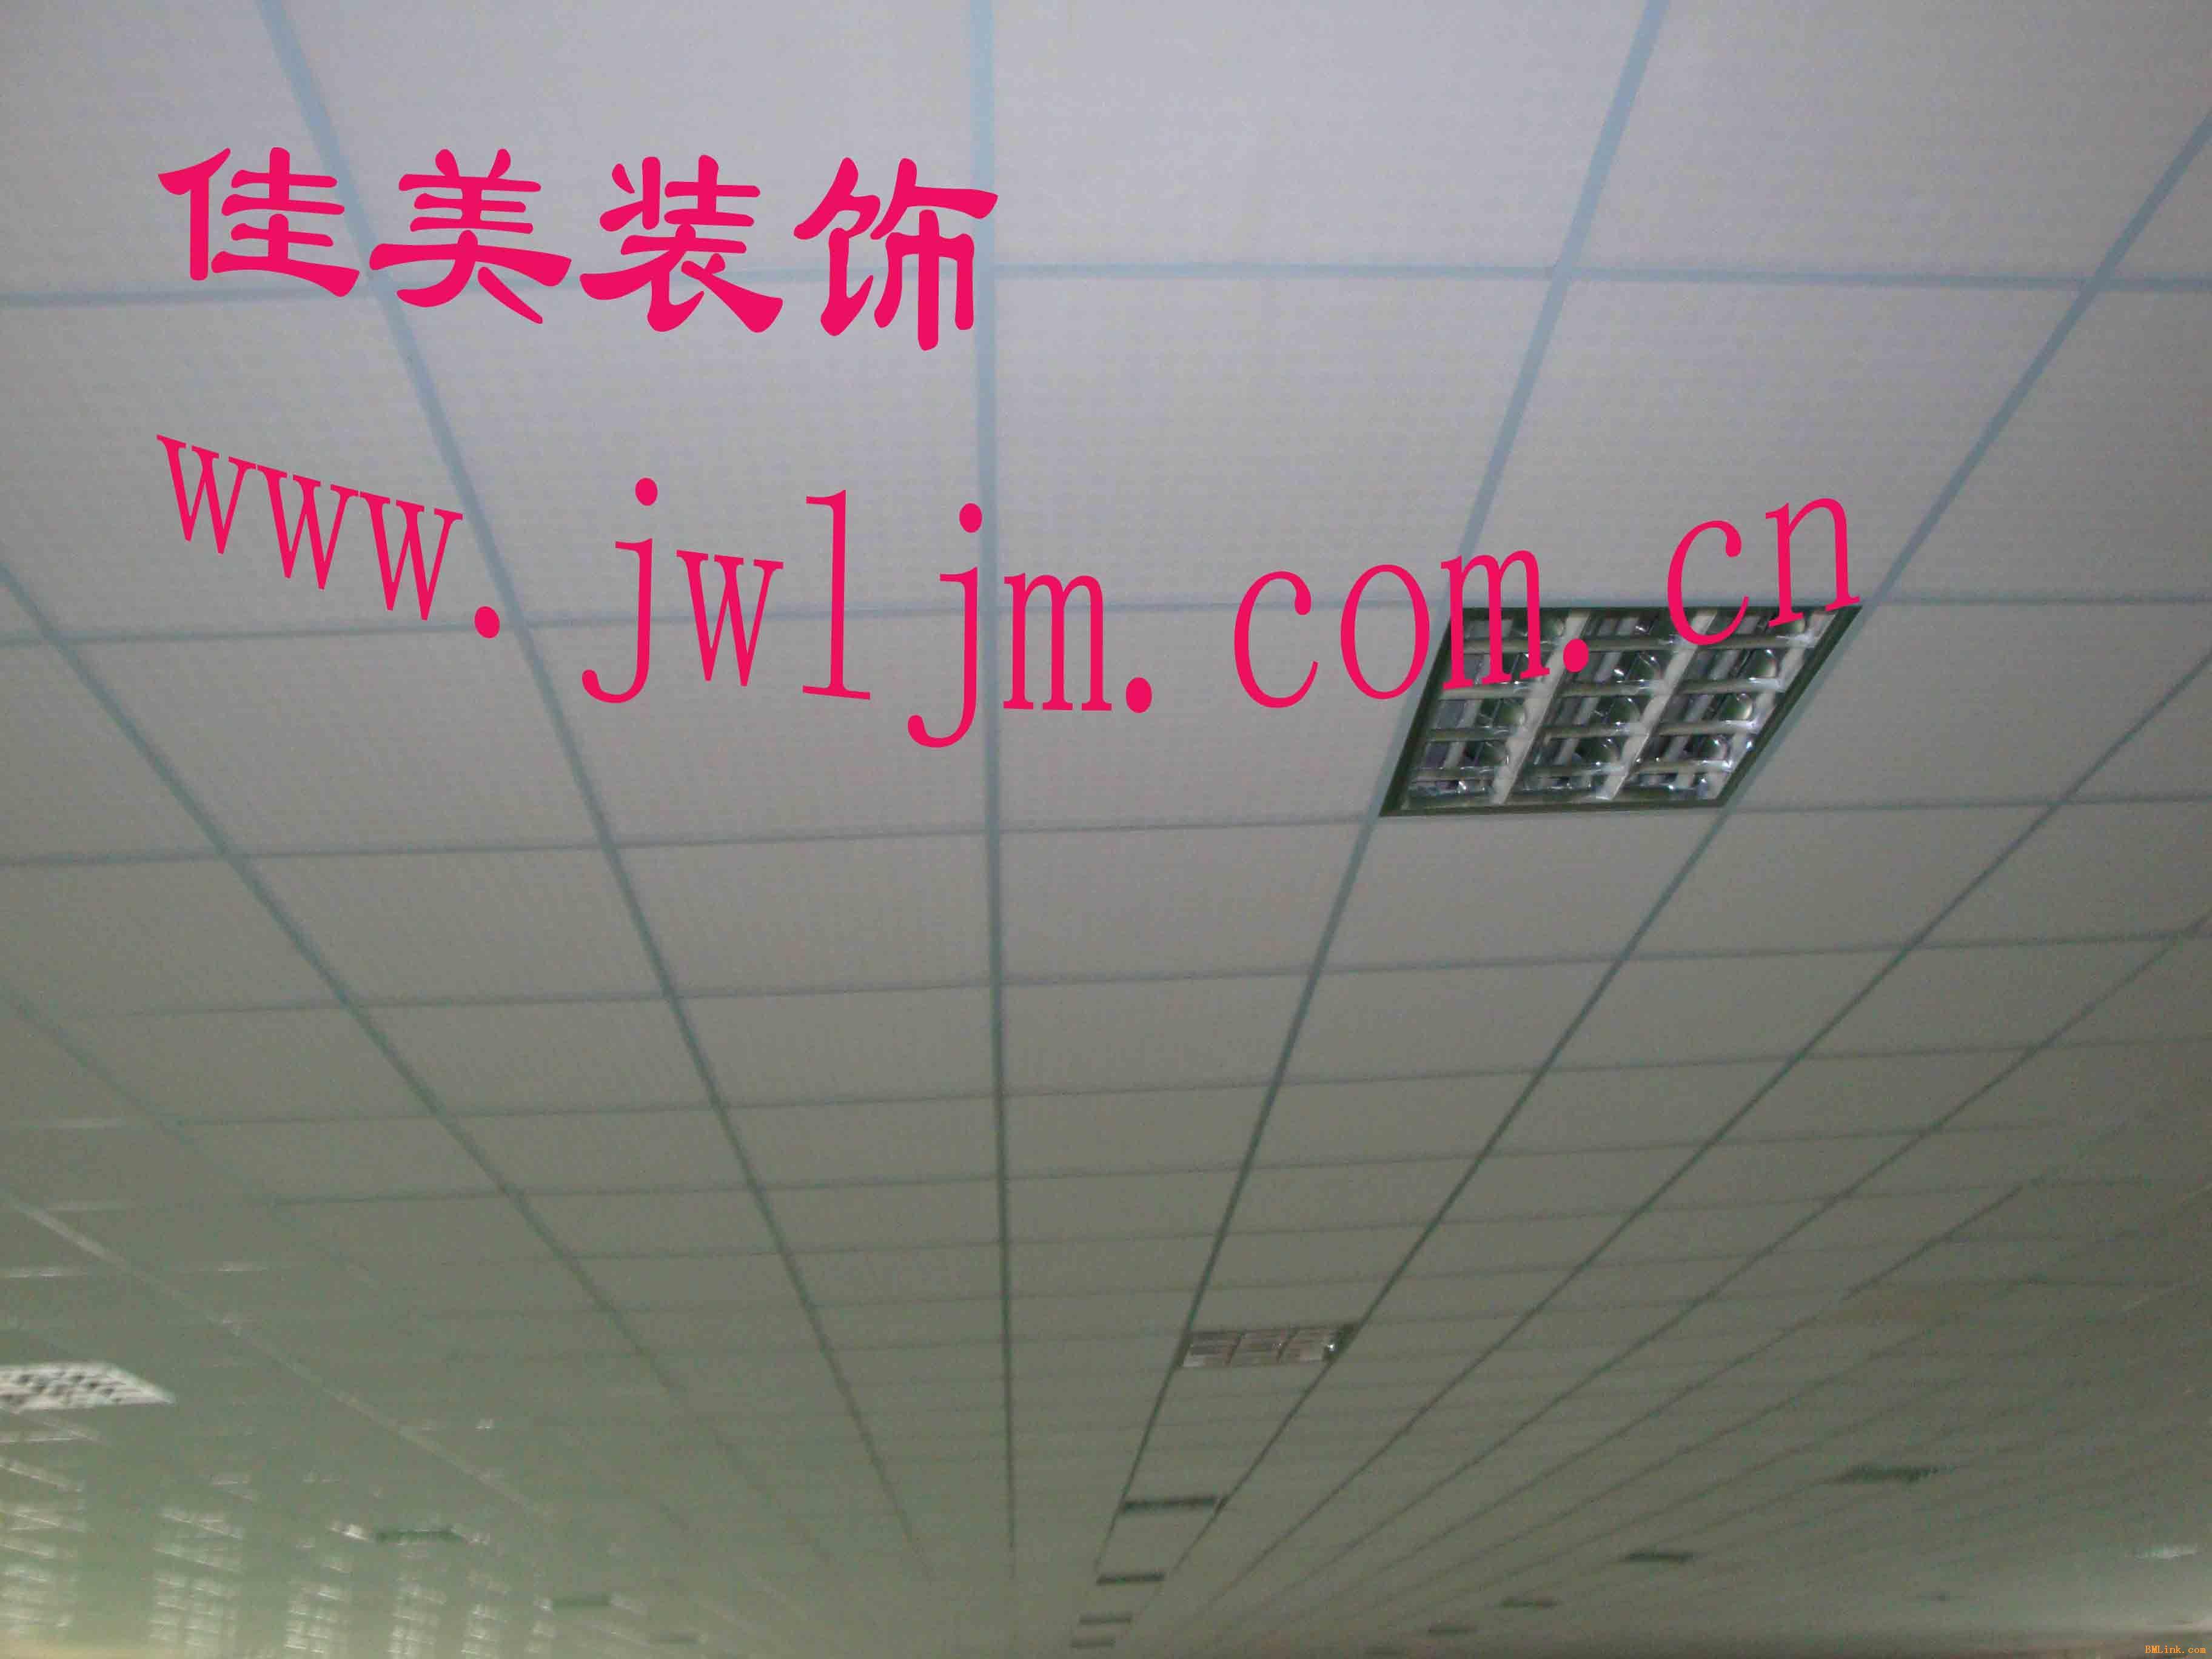 供应厂房吊顶,卫生间隔断,压花石膏板吊顶,玻璃隔断,楼梯扶